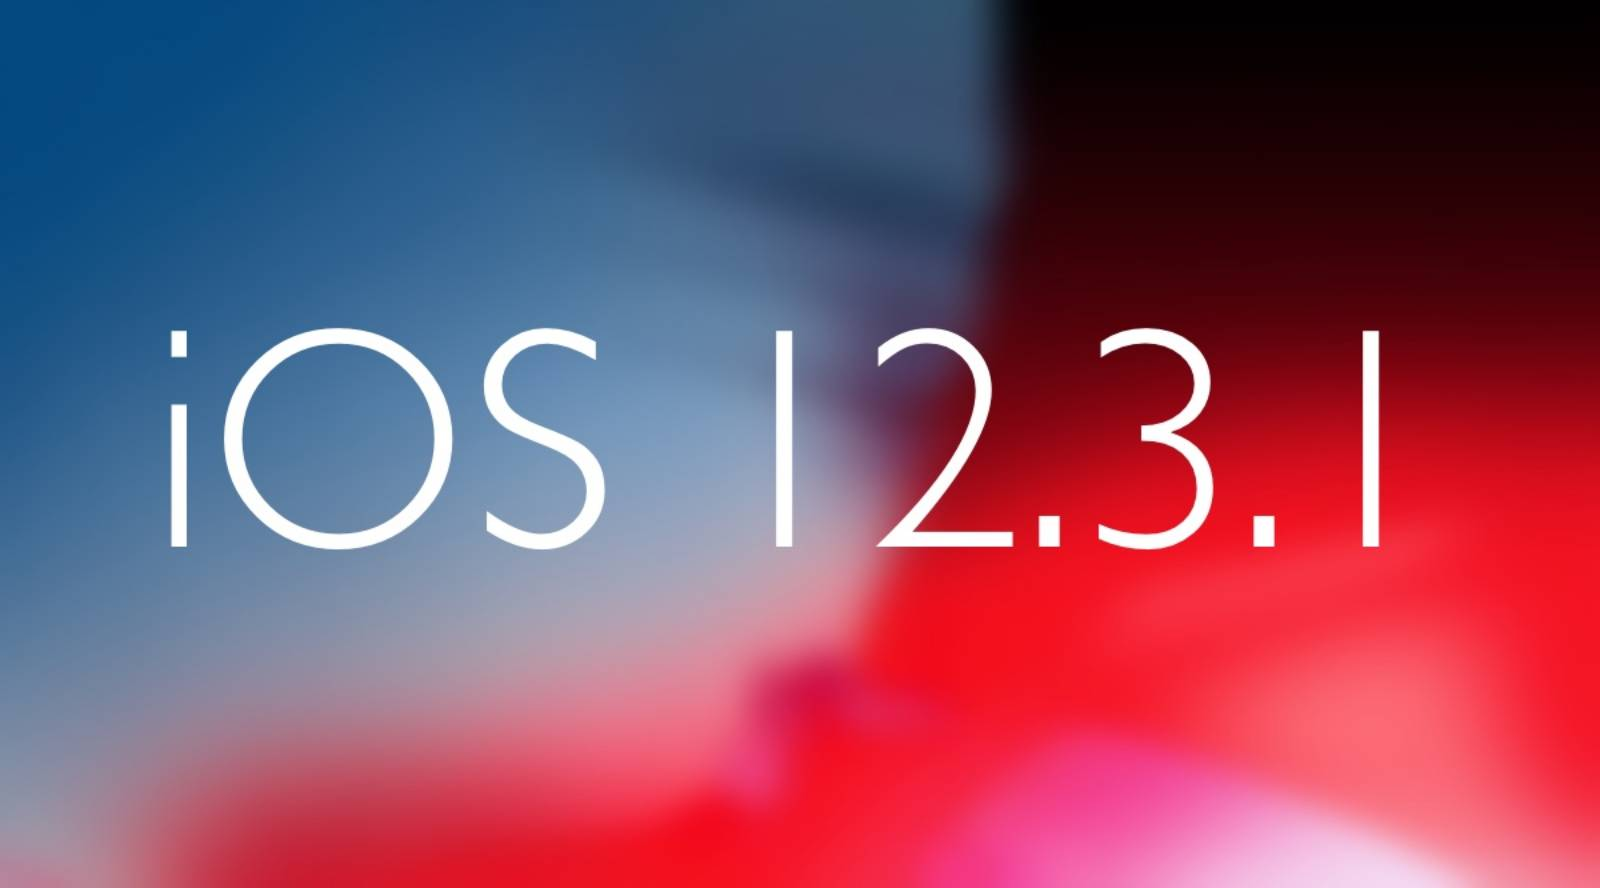 iOS 12.3.1 autonomie baterie